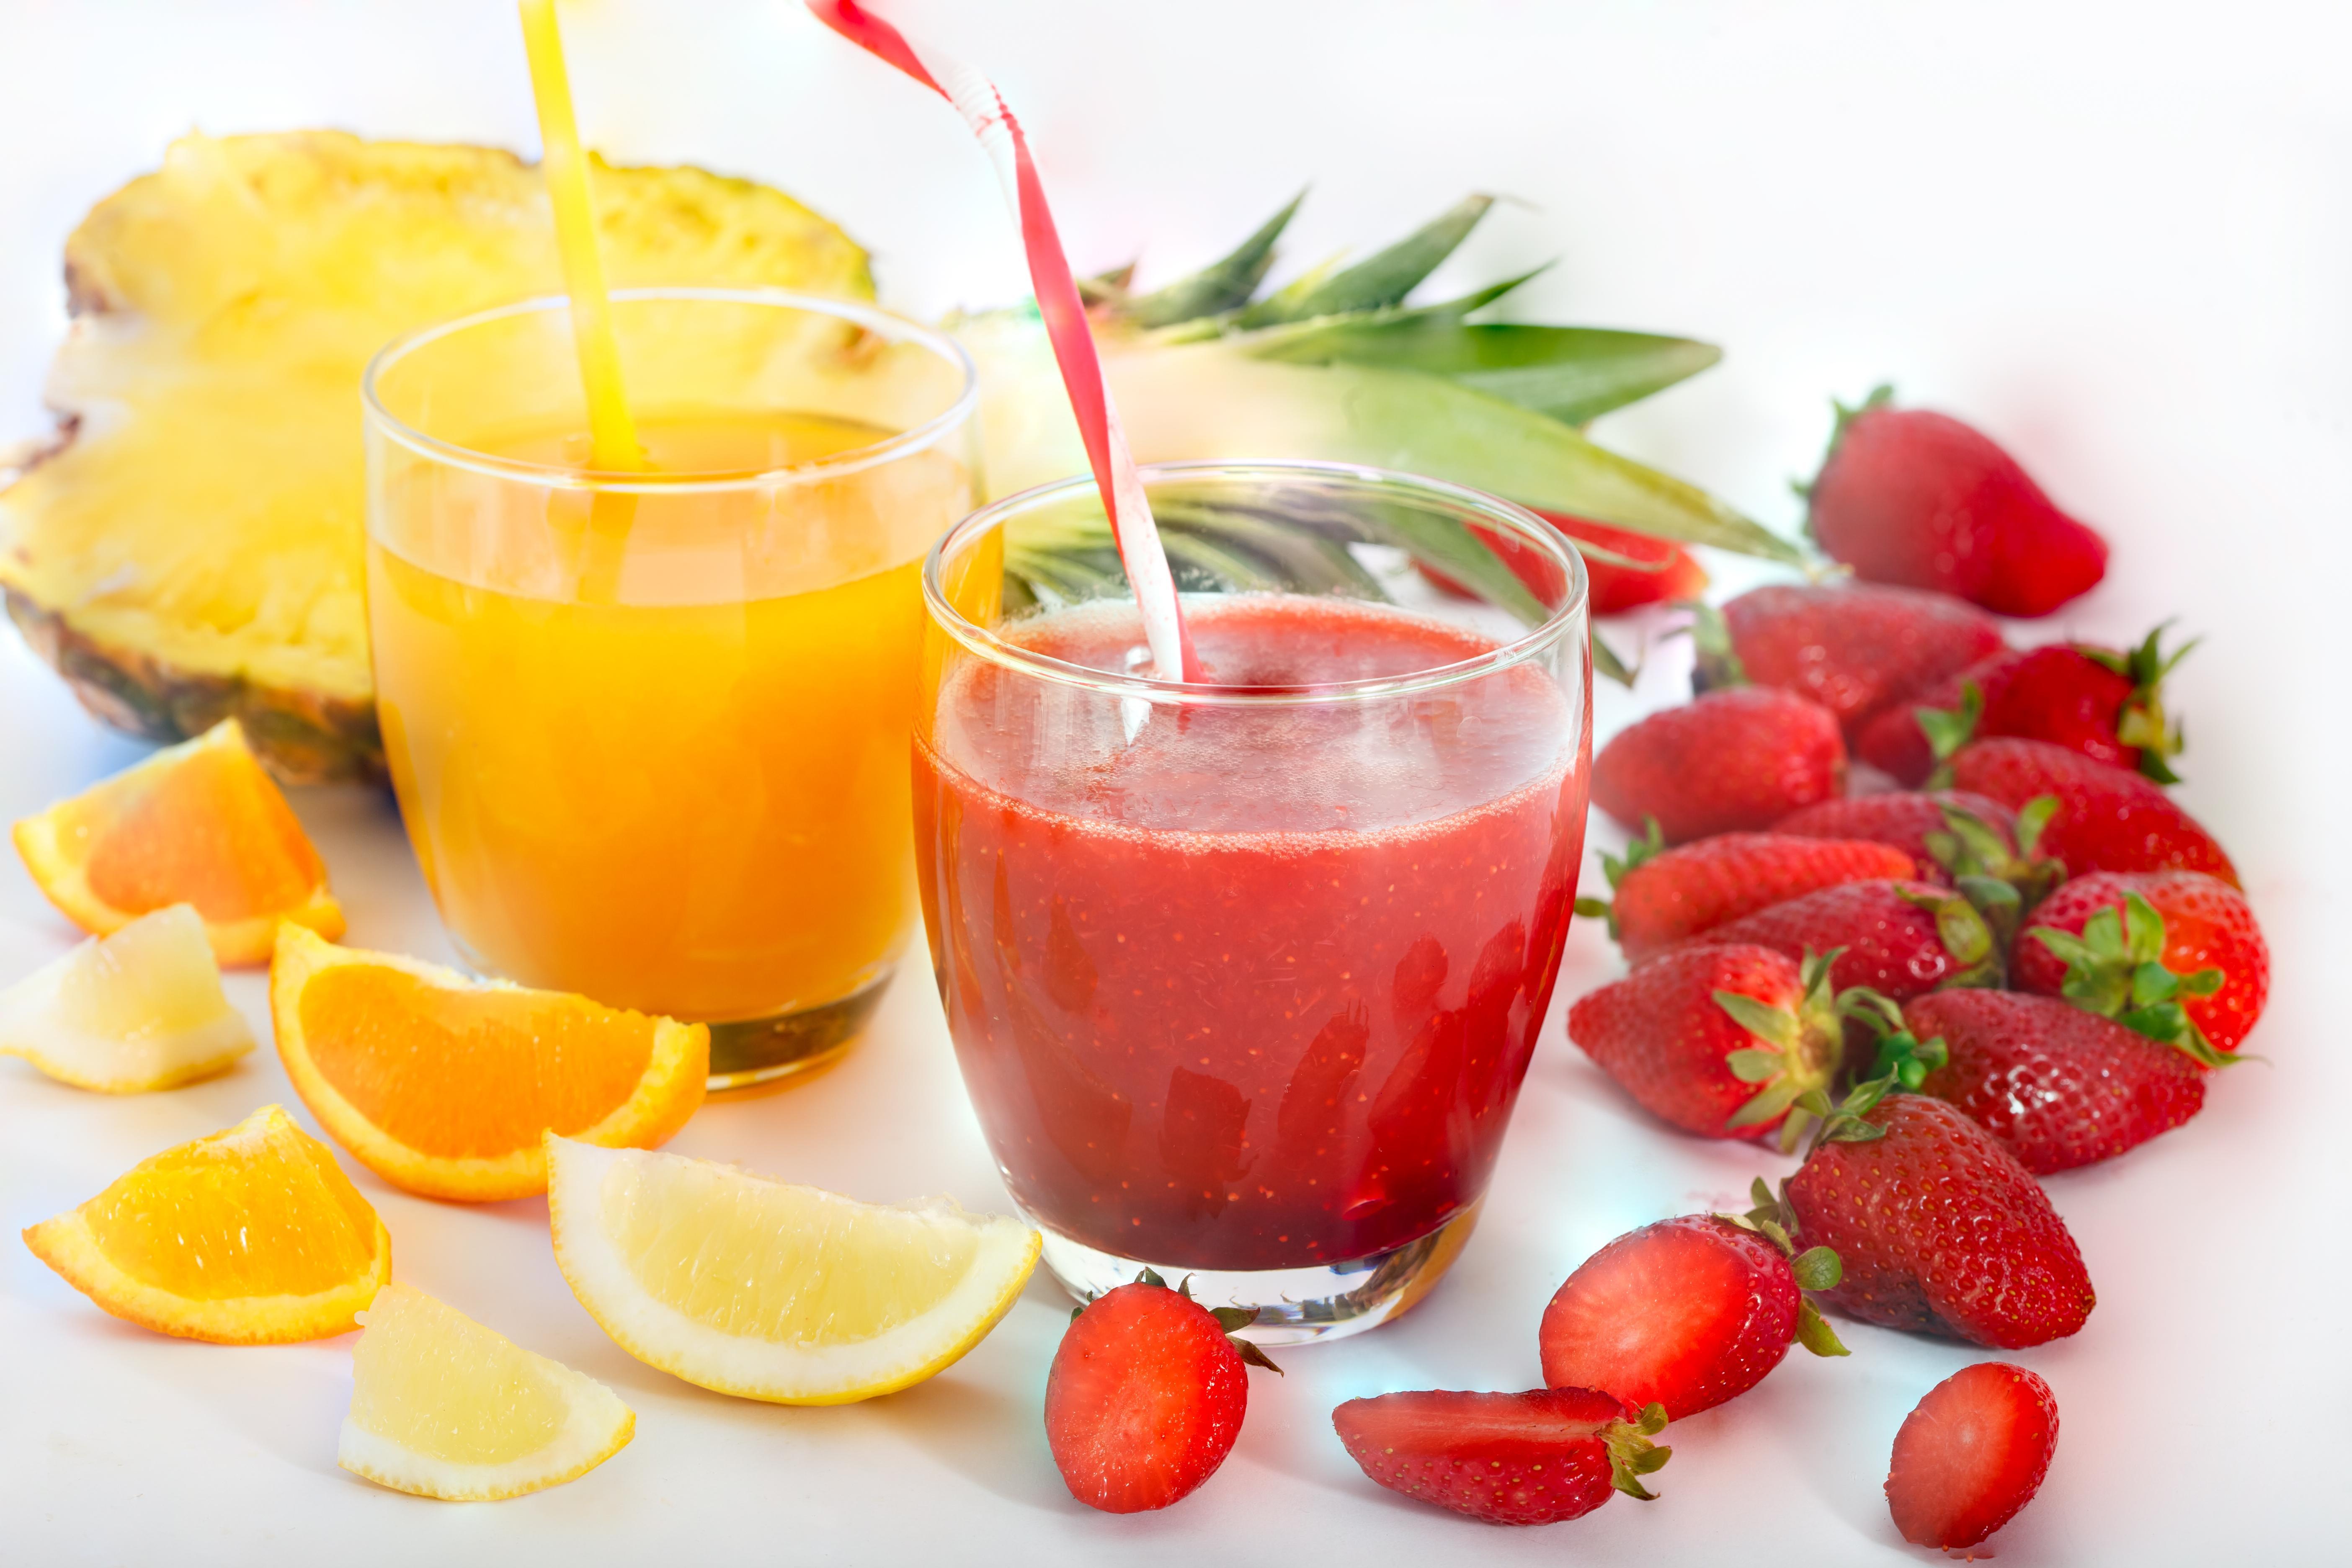 bebidas refrescantes de piña fresa y naranja